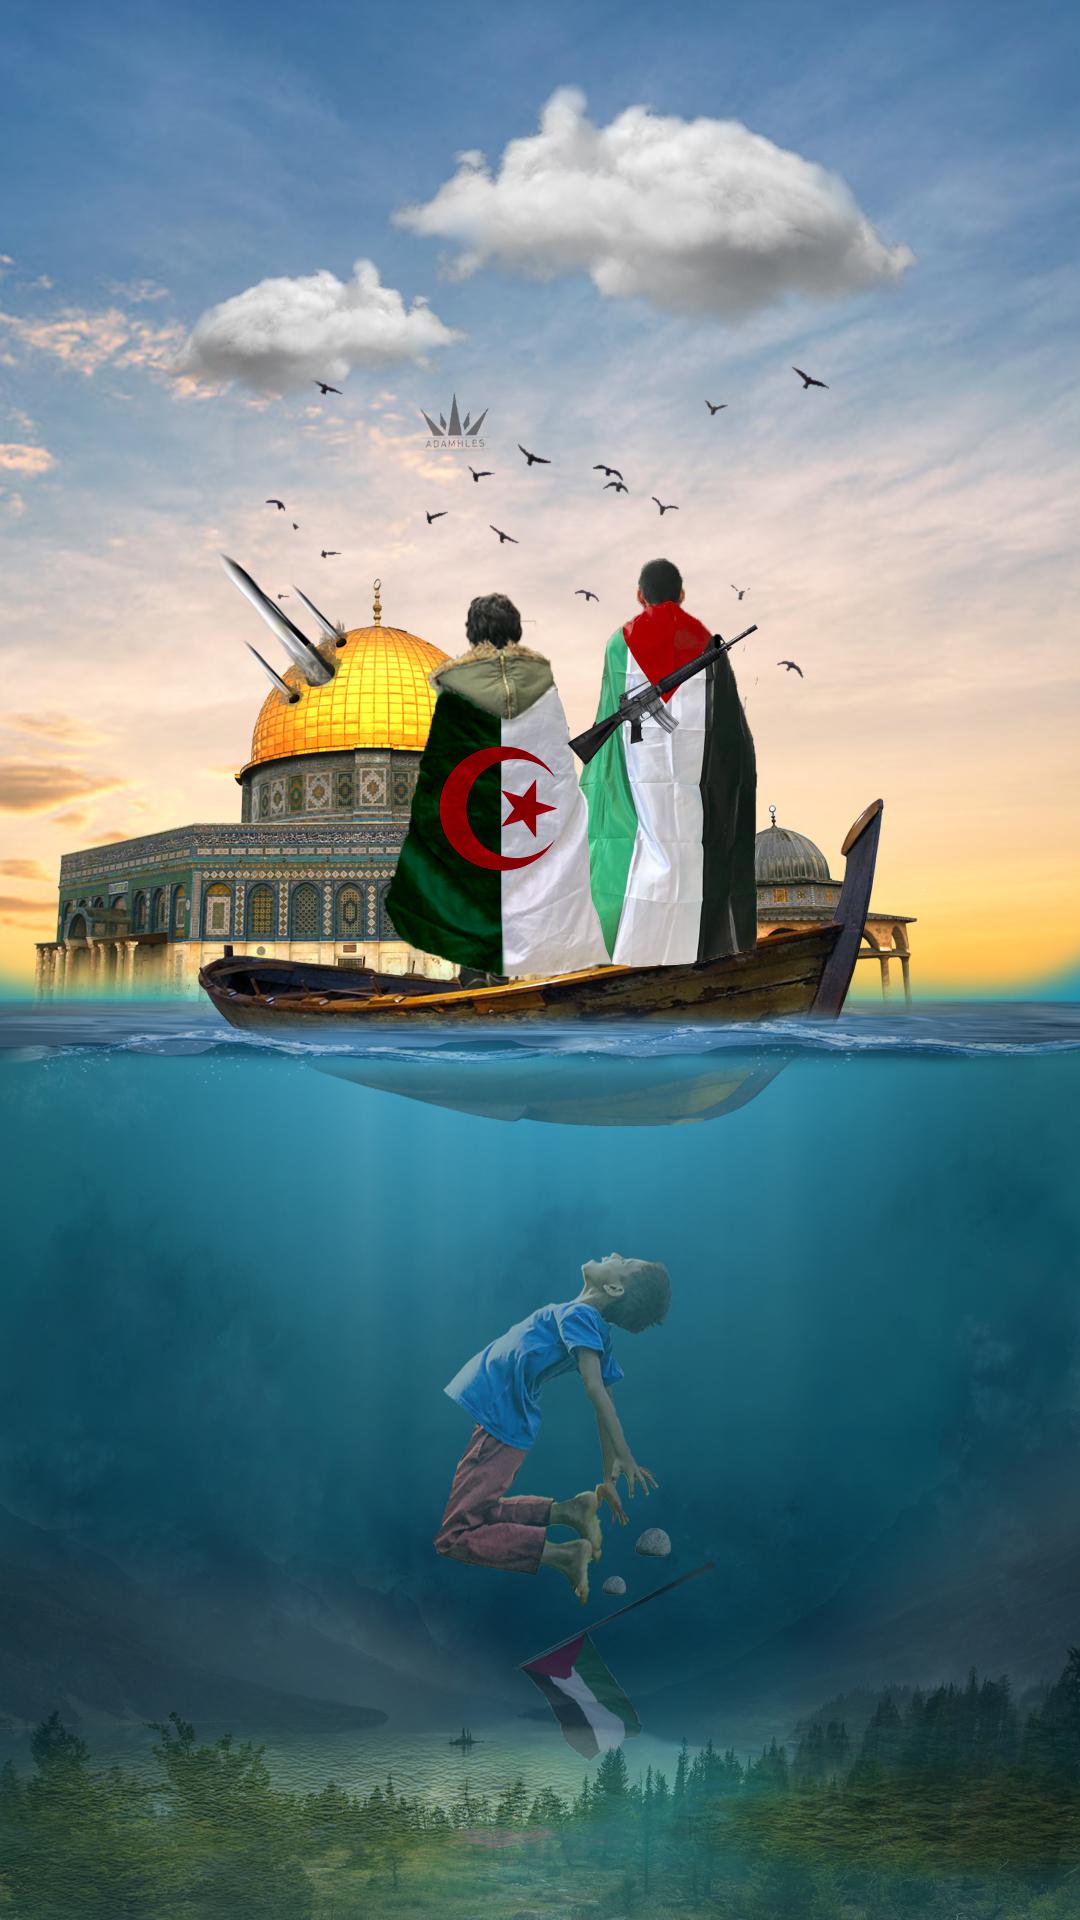 اجمل خلفية تصامن مع فلسطين علم الجزائر وعلم فلسطين Flag Palestine and Algeria